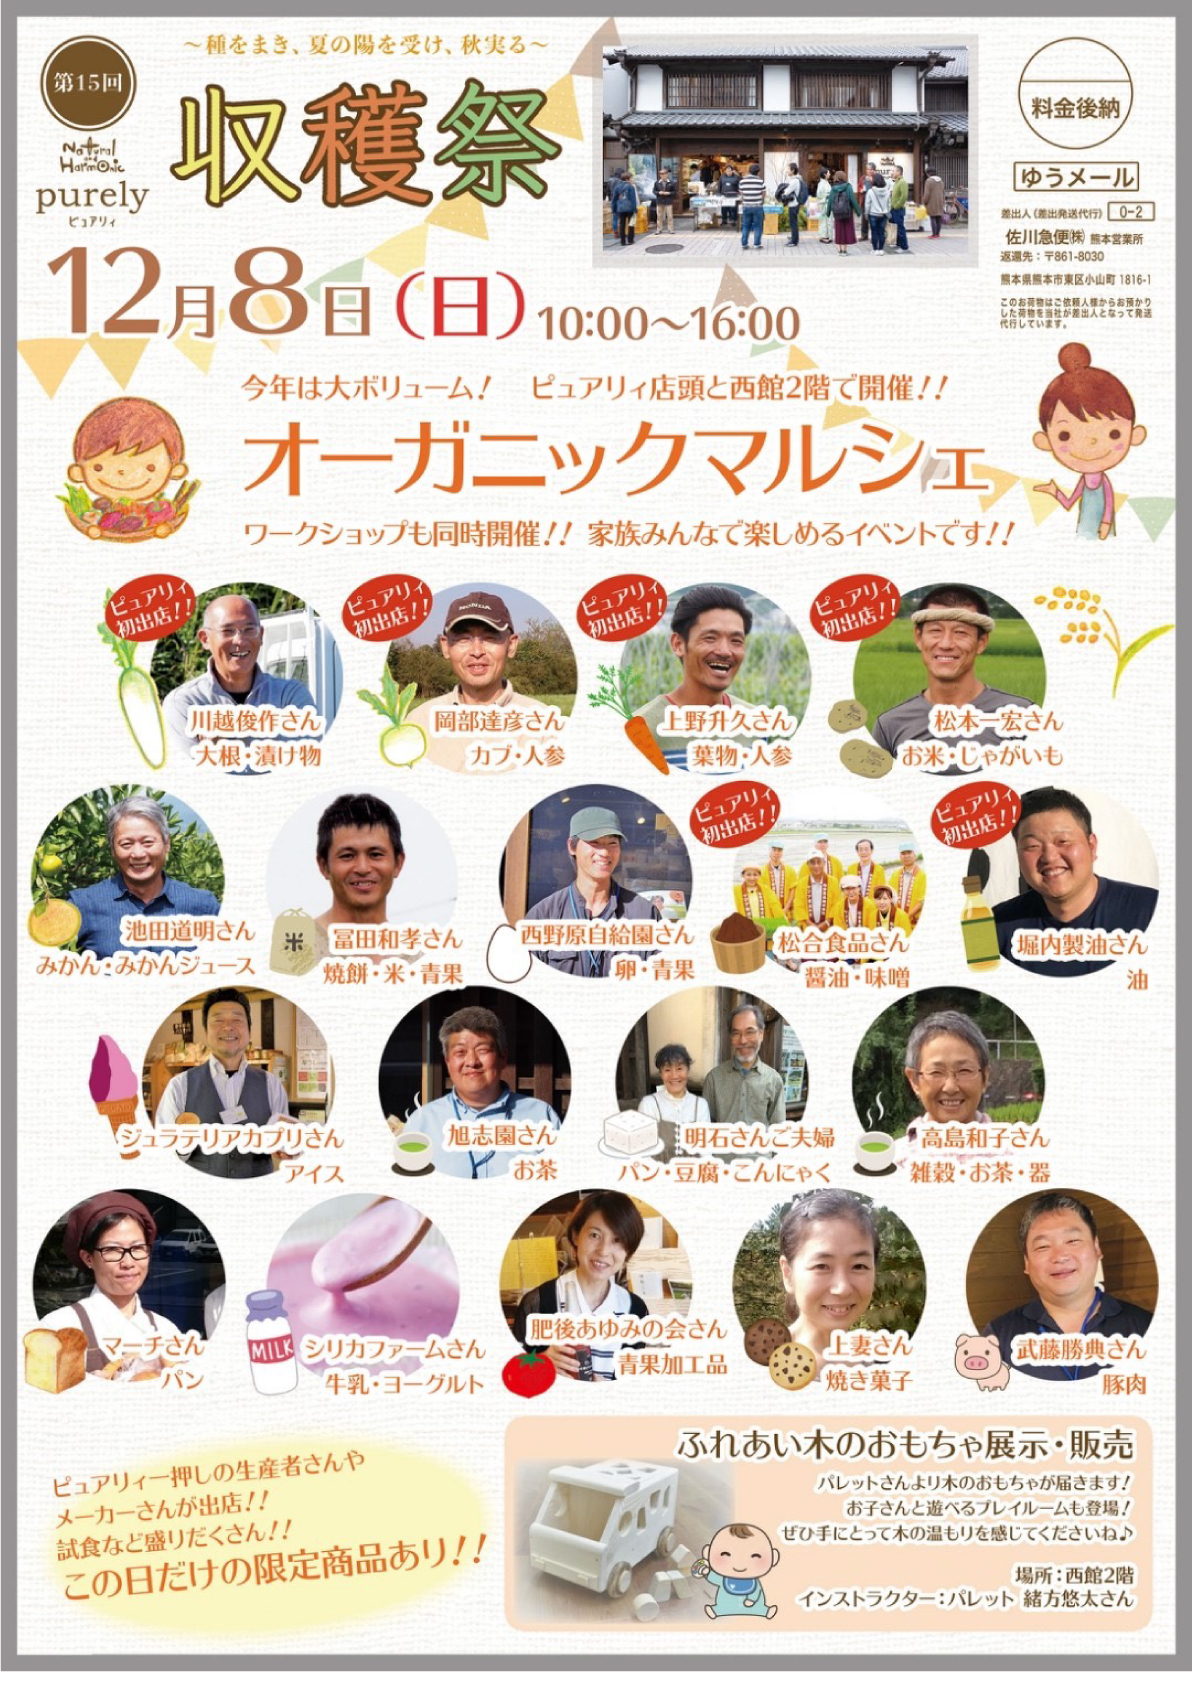 ピュアリィマルシェ 2019秋チラシ2